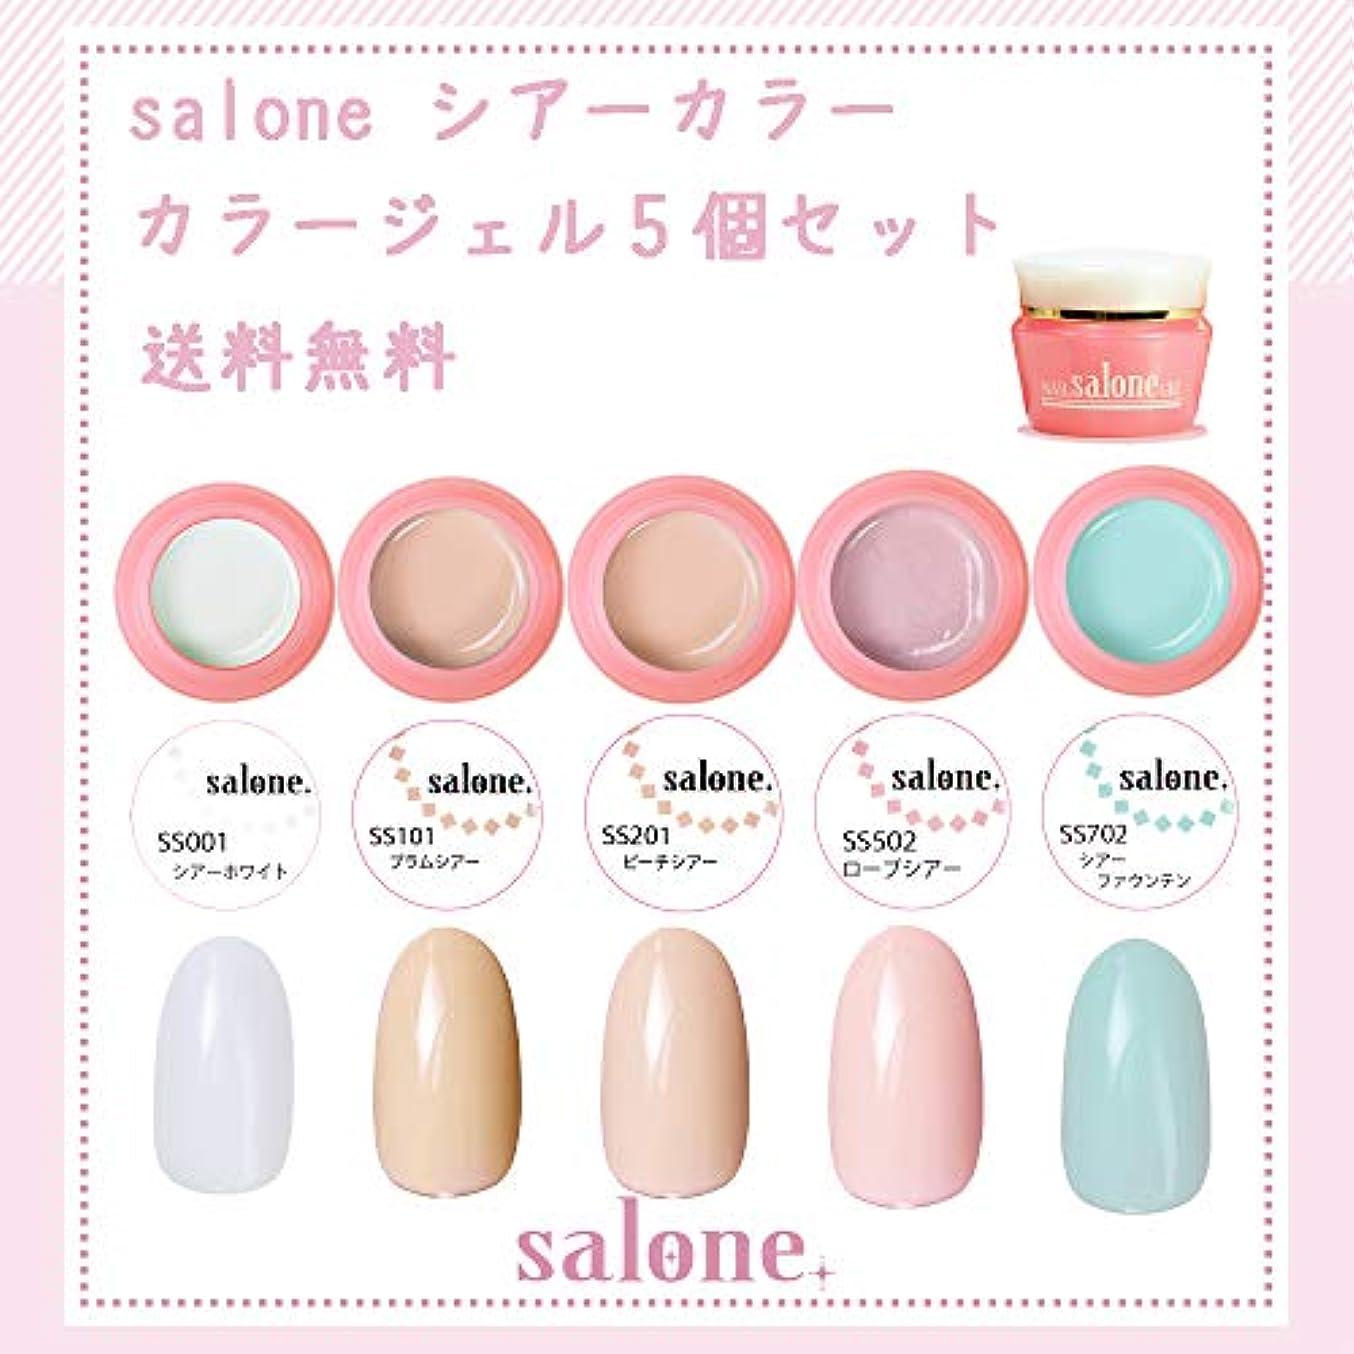 ありがたい再現する慰め【送料無料 日本製】Salone シアーカラーカラージェル5個セット アンニュイでグラデーションにもピッタリなカラー